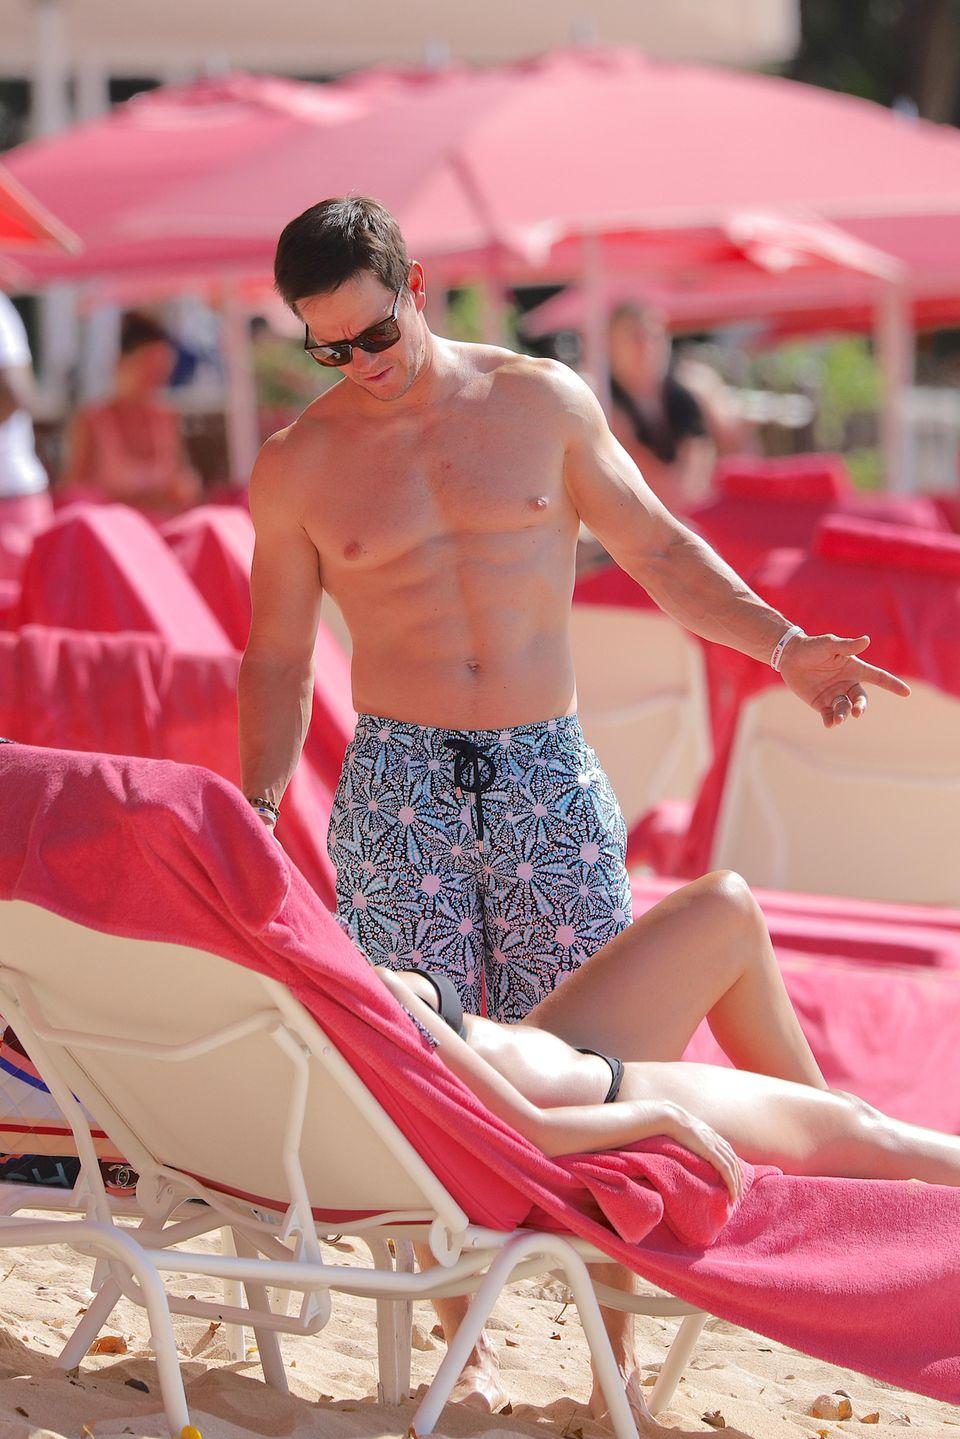 Schatz, nun komm doch endlich ins Wasser, scheint Hollywoodstar Mark Wahlberg seiner Frau Rhea Durham zu sagen. Der Muskelberg urlaubt mit seiner Familie auf der sonnigen Karibik-Insel Barbados.